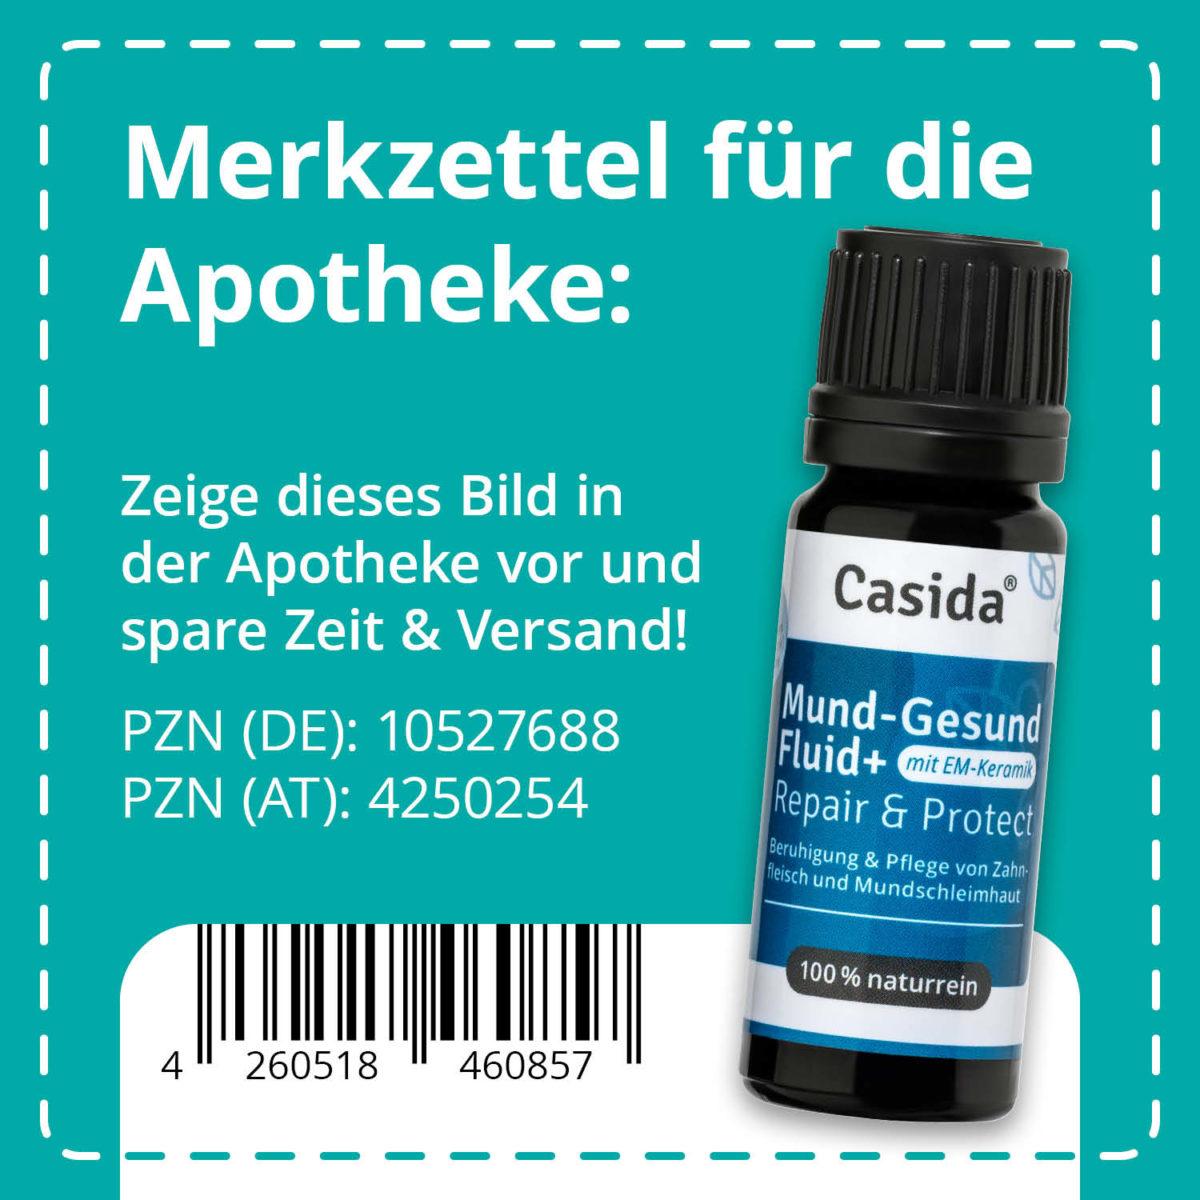 Casida Mund-Gesund Fluid+ mit EM-Keramik 10 ml 10527688 PZN Apotheke Zahnfleischbluten Aphten Schwangerschaft9